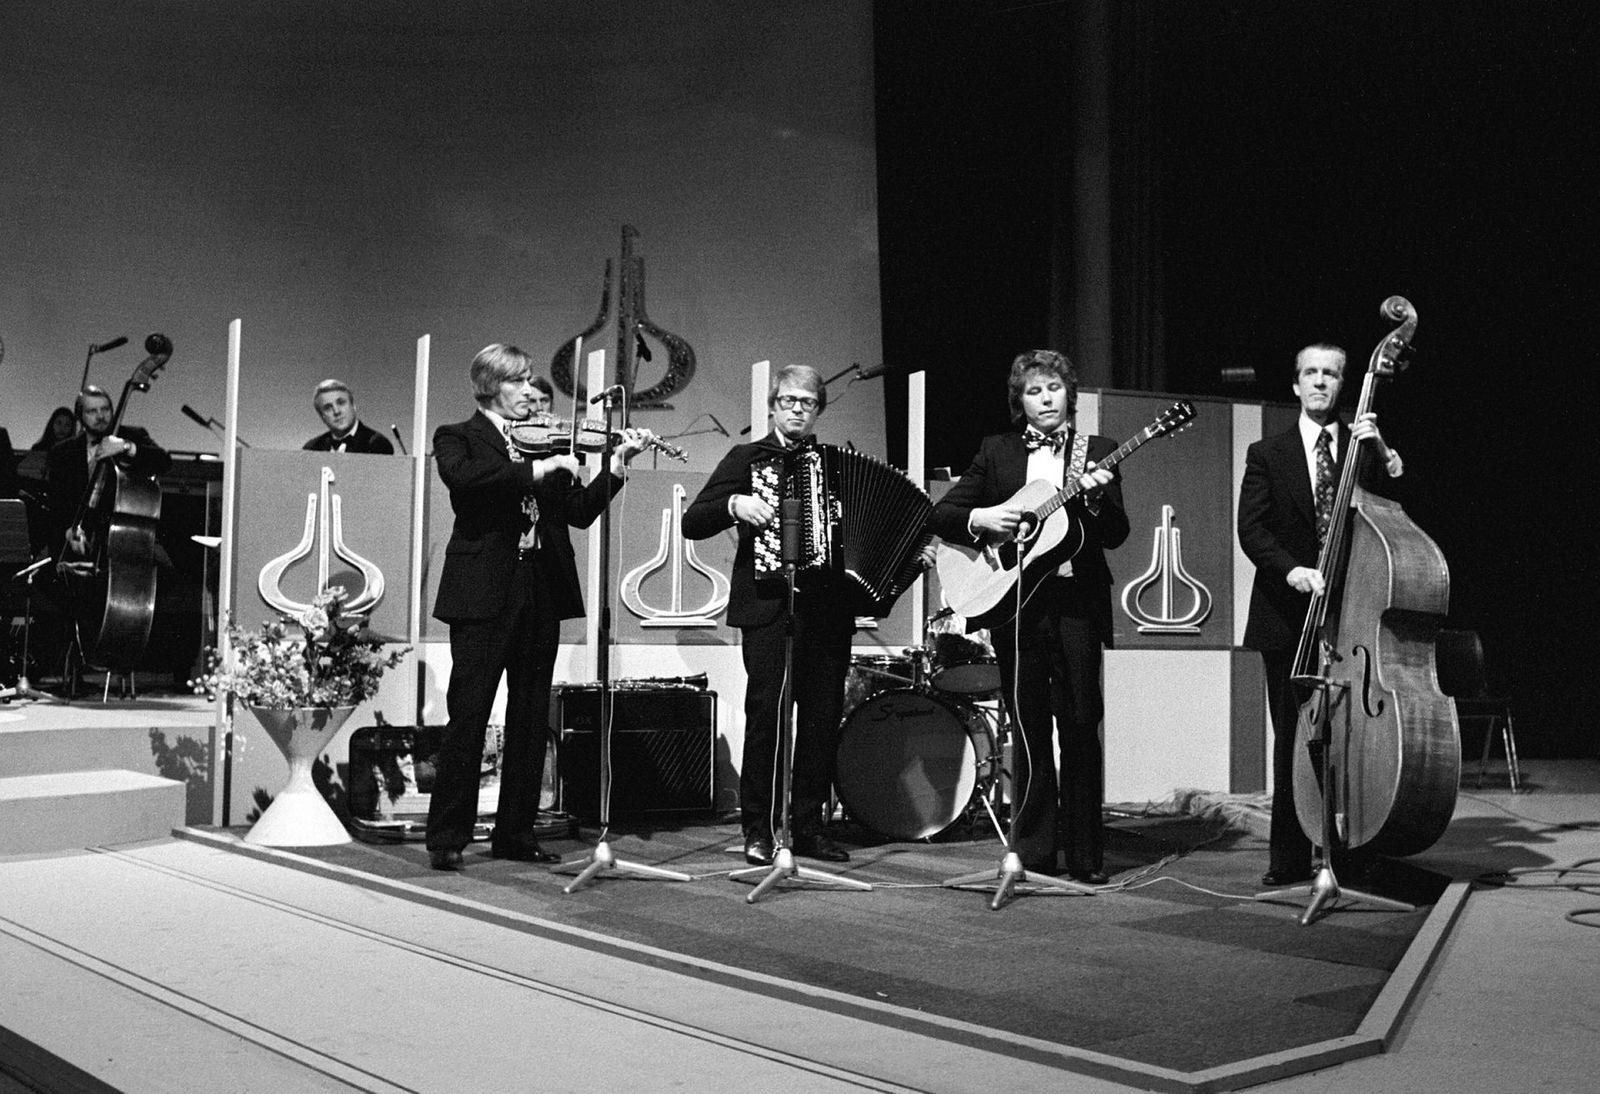 Sven Nyhus' kvartett opptrer under utdelingen av Spellemannprisen i 1975 – da kravene til tv-underholdning var noe annerledes.